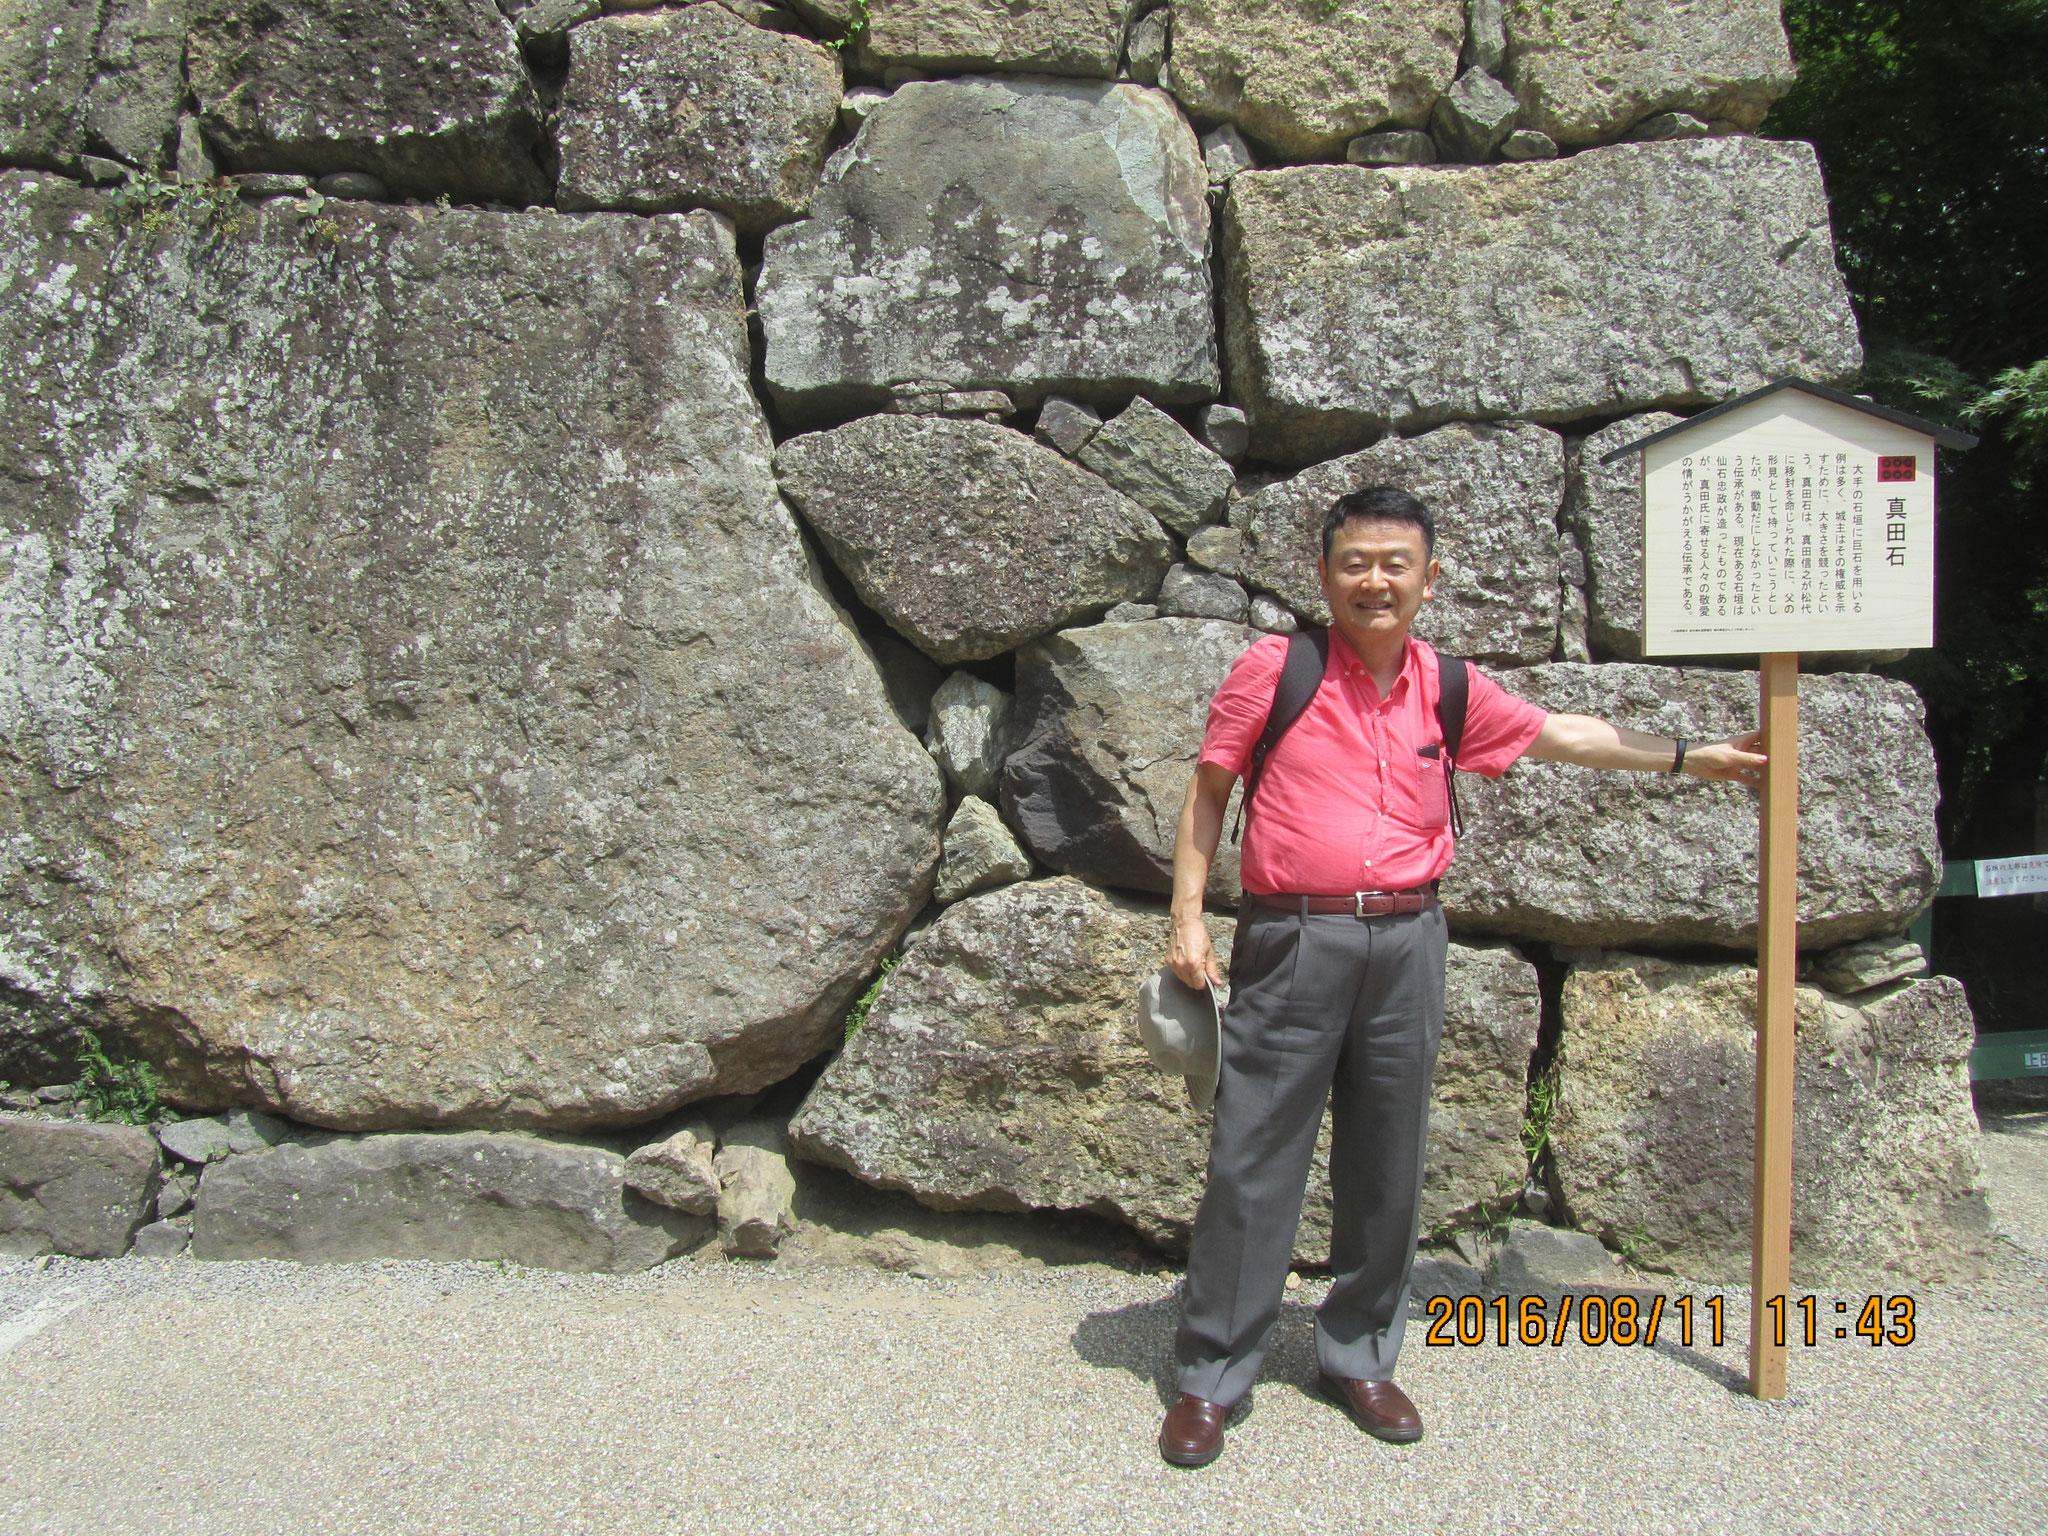 東虎口櫓門(ひがしこぐちやぐらもん)の右の石垣の中にある城内最大の石が真田石(さなだいし)。真田家が松代に移封された際、信之が父・昌幸の形見として運ぼうとしたが微動だにしなかったと伝えられています。